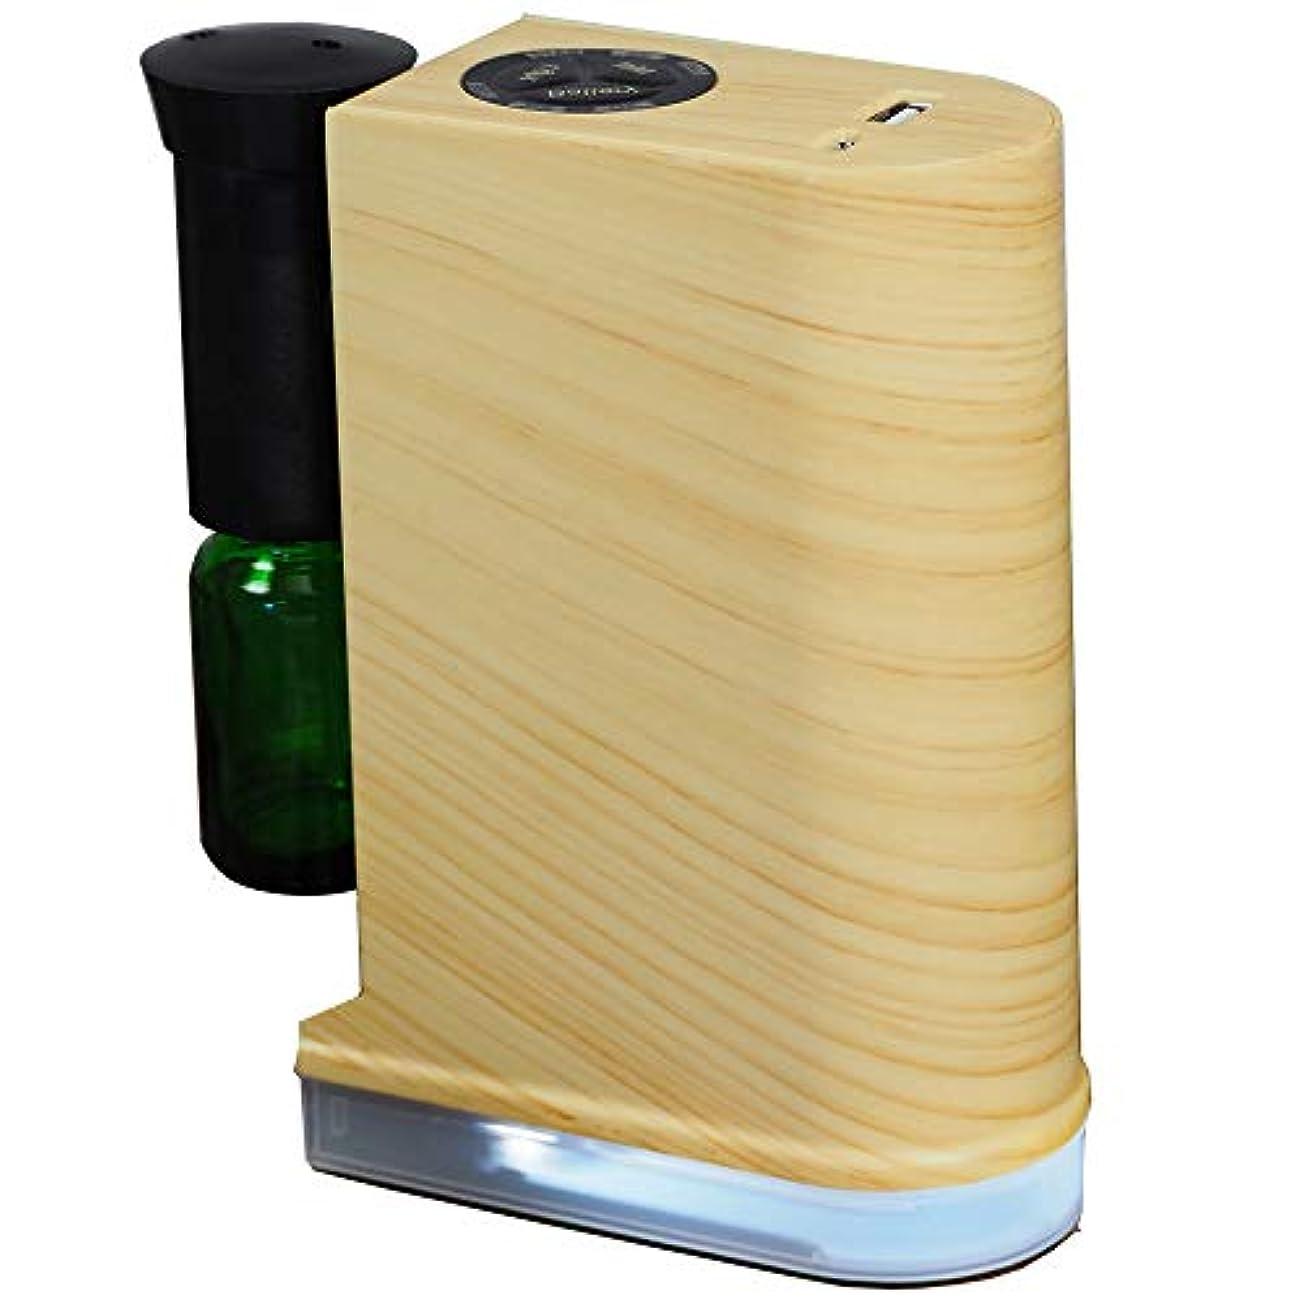 永続竜巻土曜日精油用 ネブライザー式 アロマディフューザー 31 LEDライト付 (カラー:ナチュラル) / ###アロマ2019ナ###